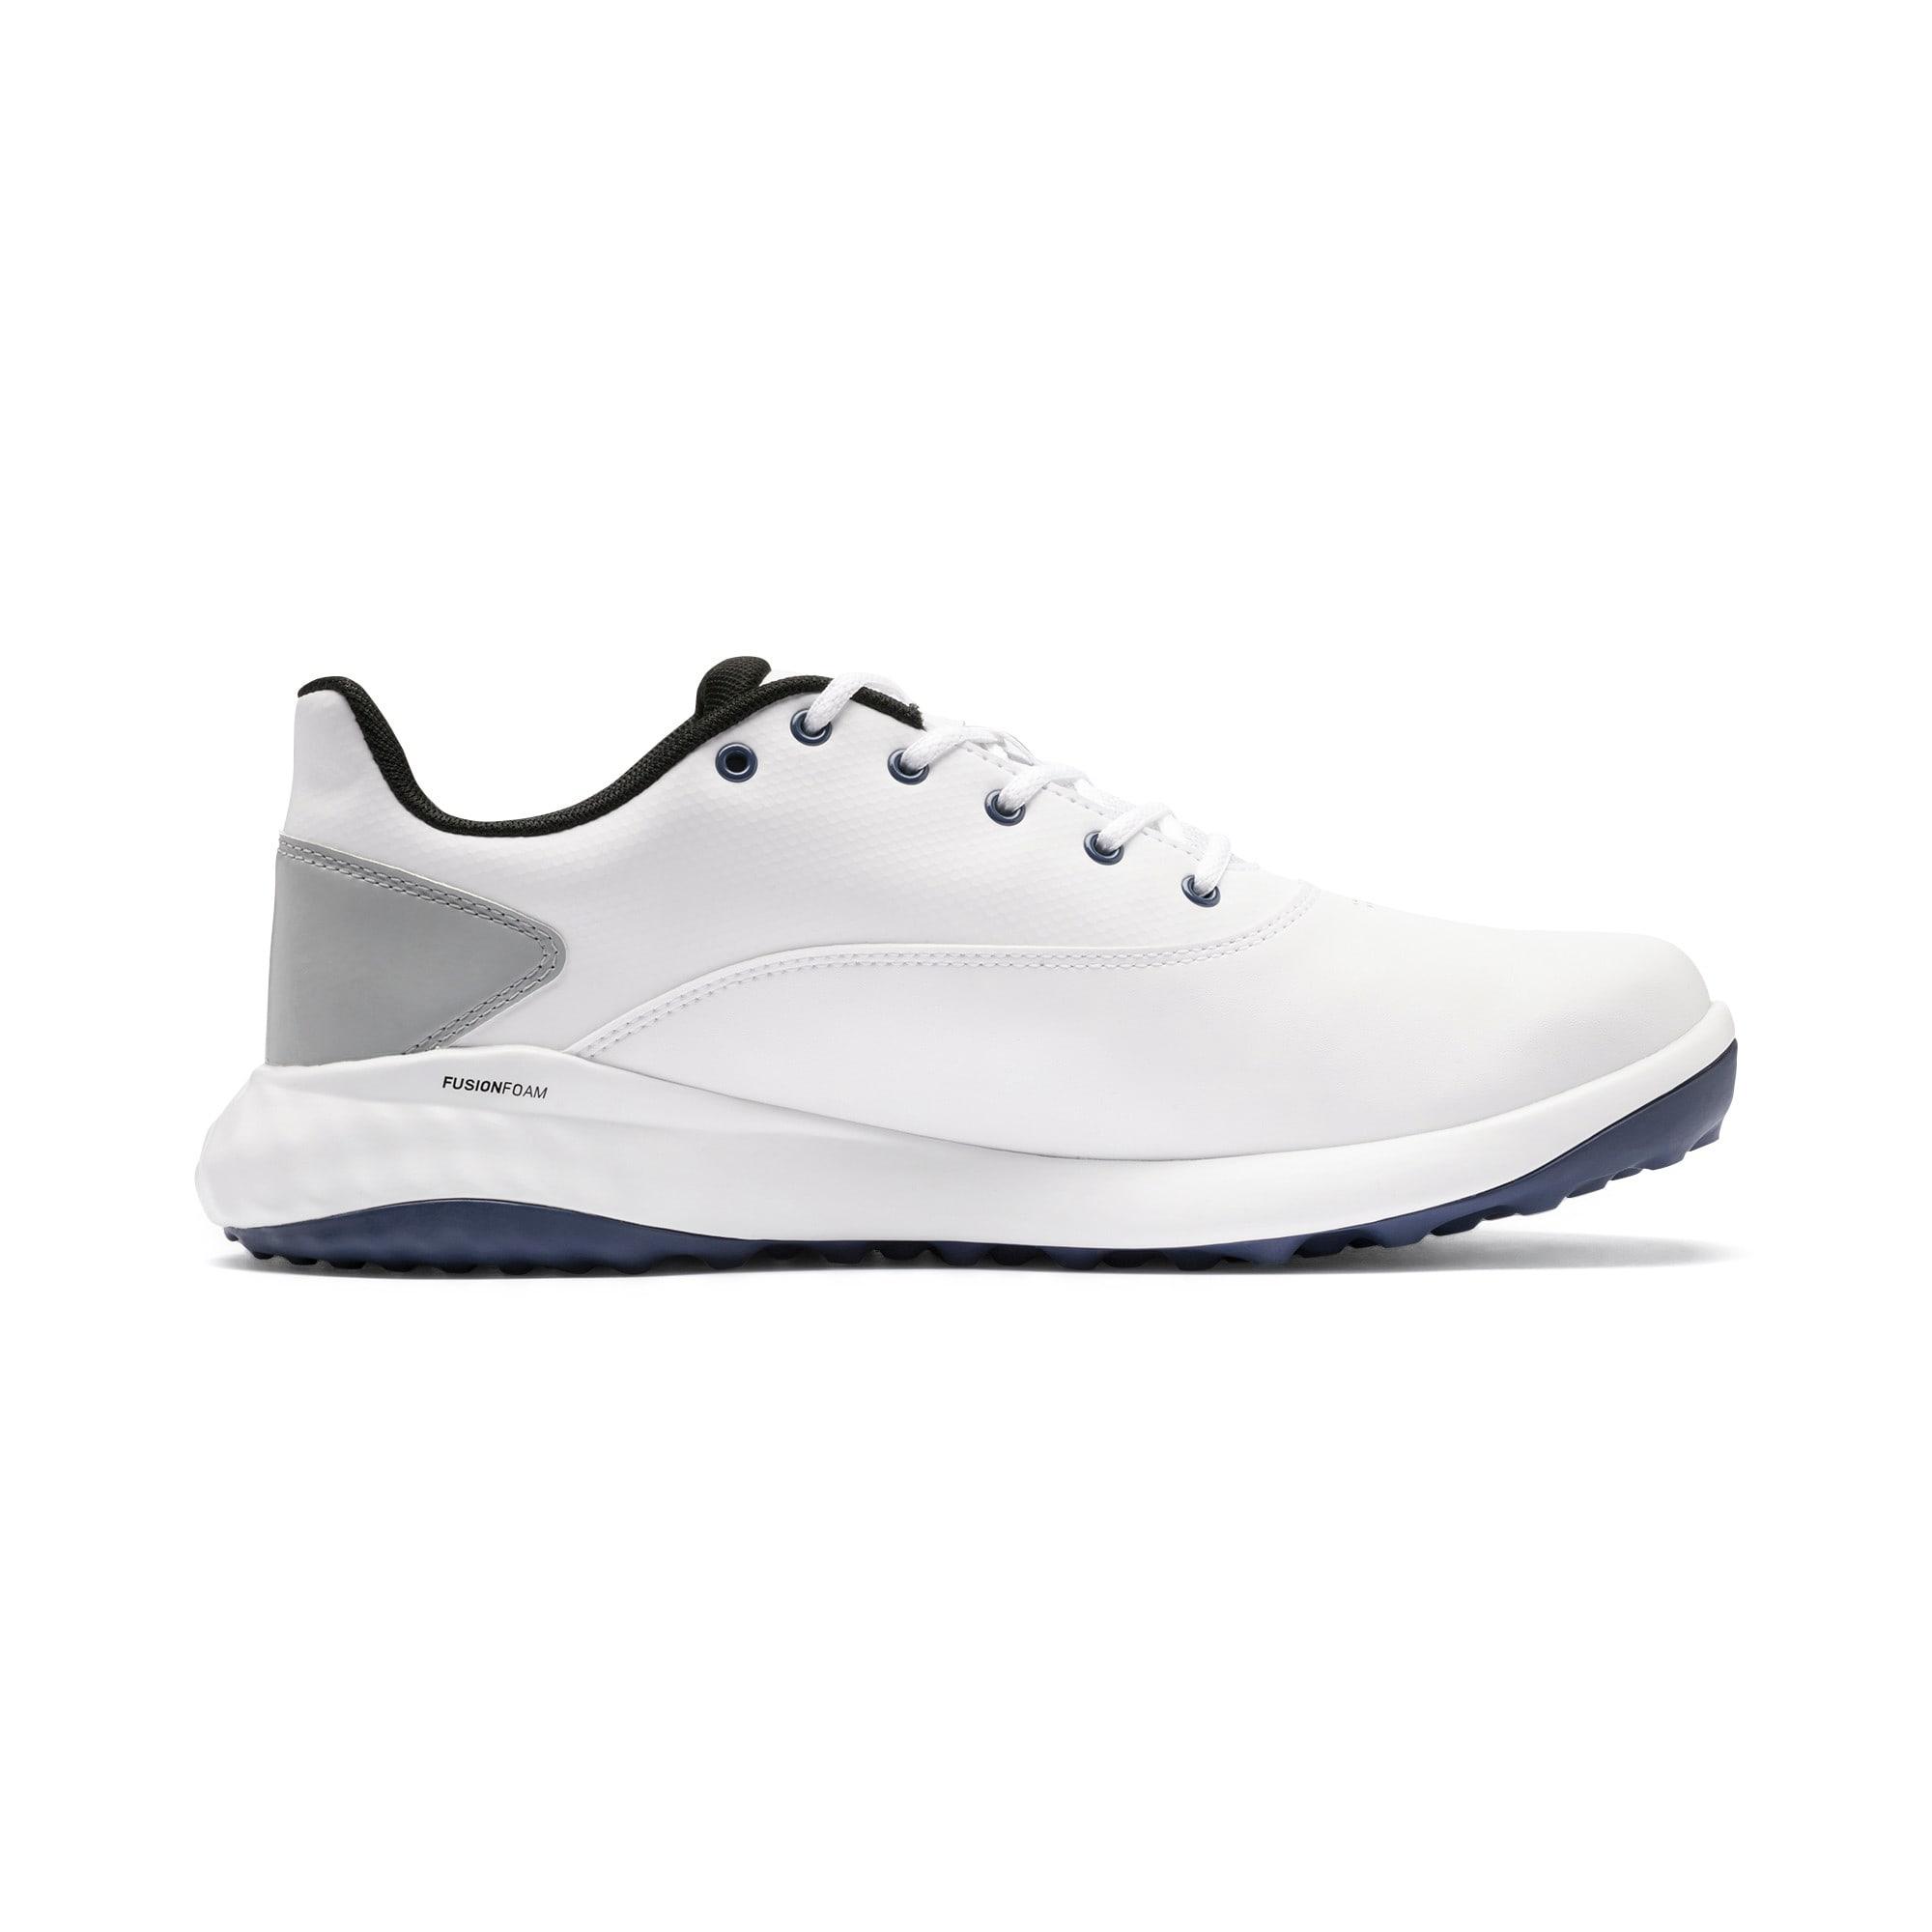 Thumbnail 5 of Chaussure de golf GRIP FUSION pour homme, White-Black-TRUE BLUE, medium